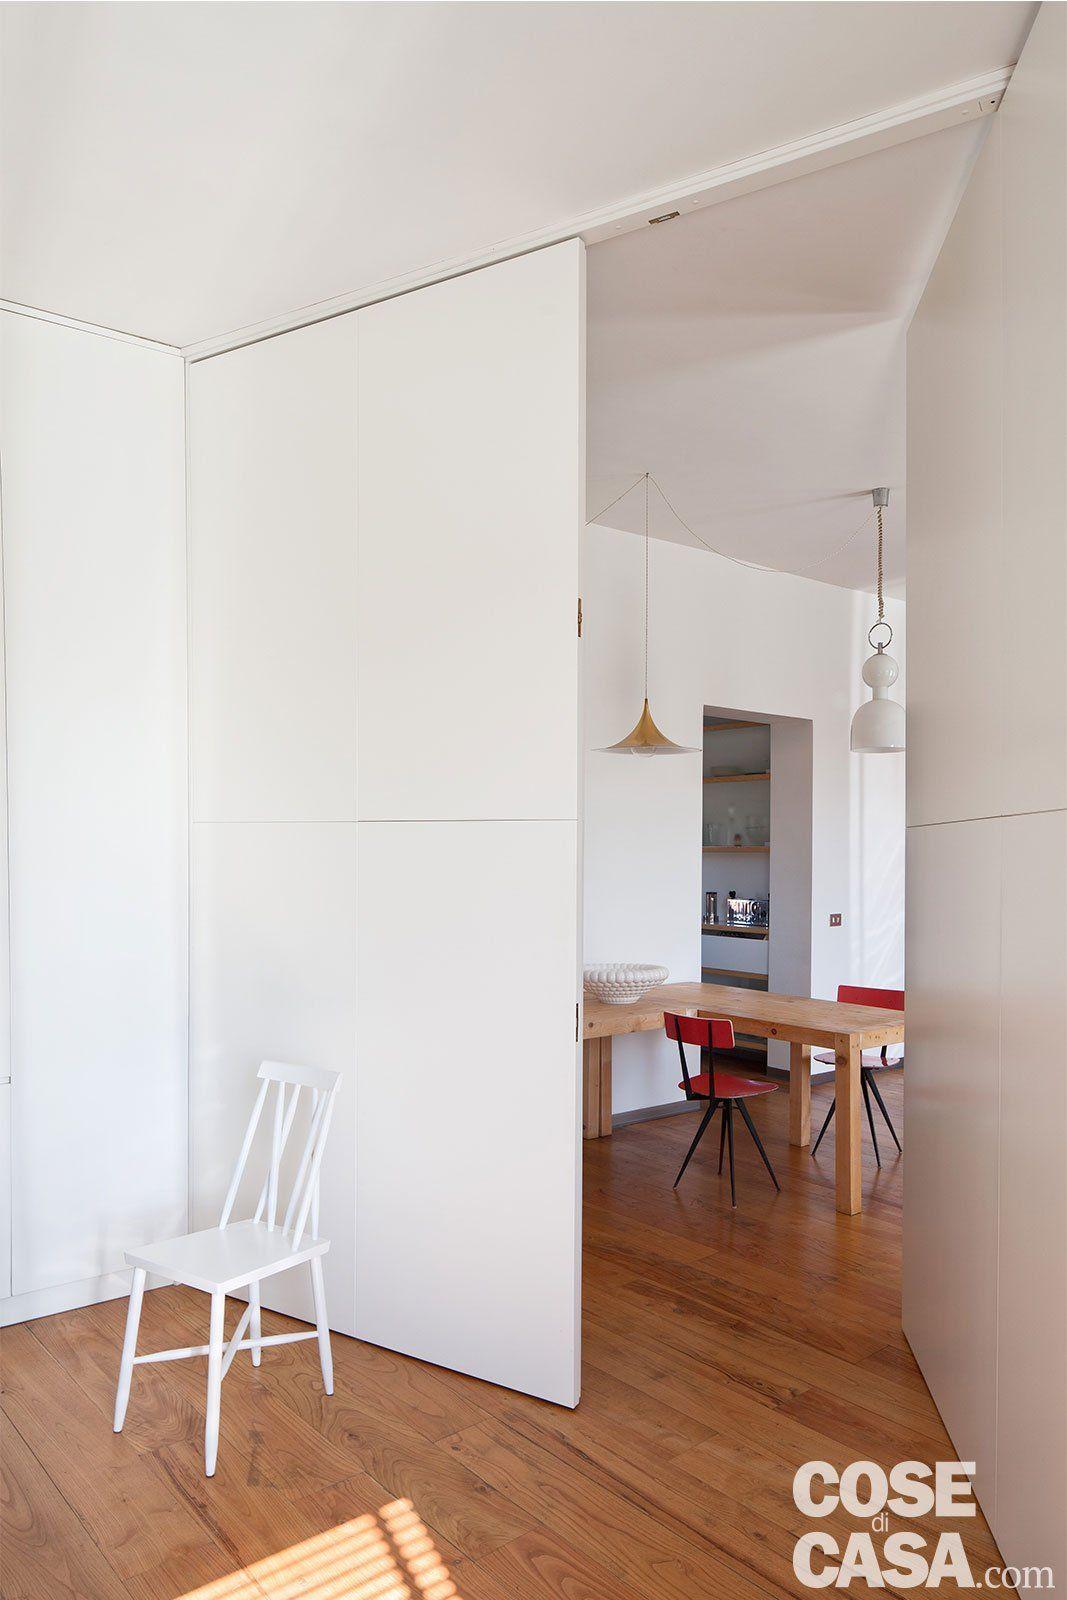 80 mq con pareti apribili che trasformano l'open space in